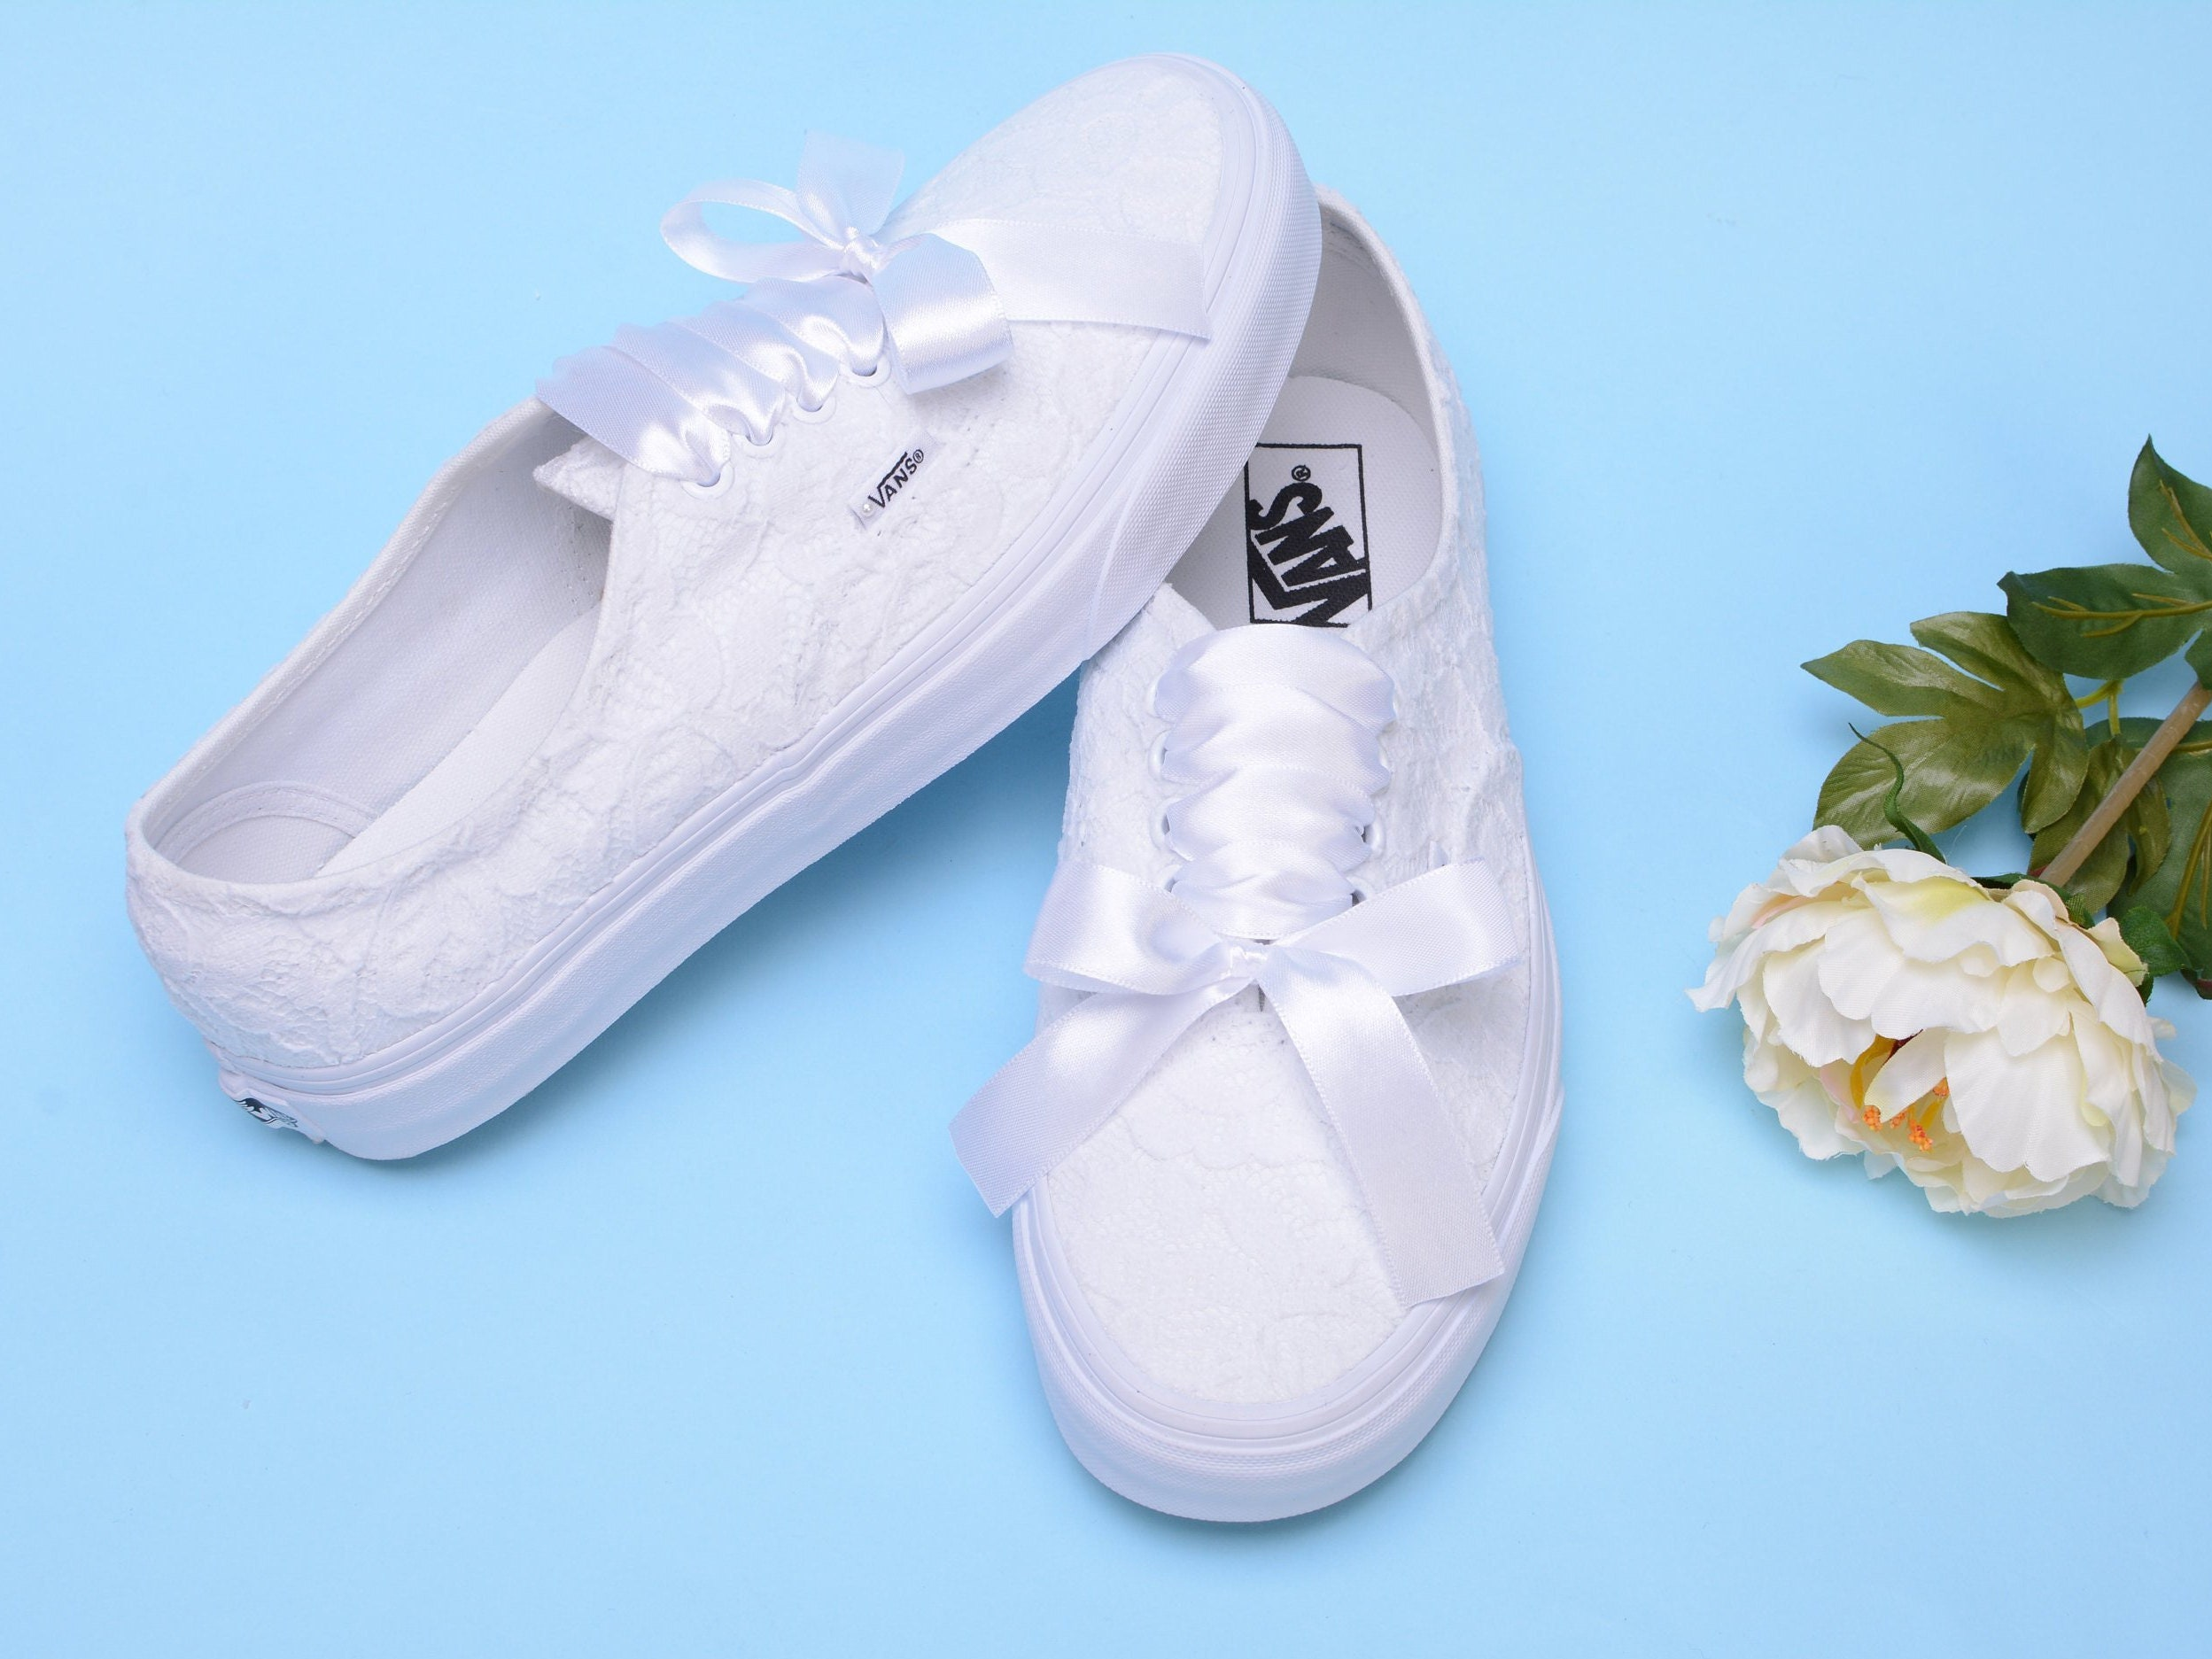 Wedding Lace Vans shoes for Bride